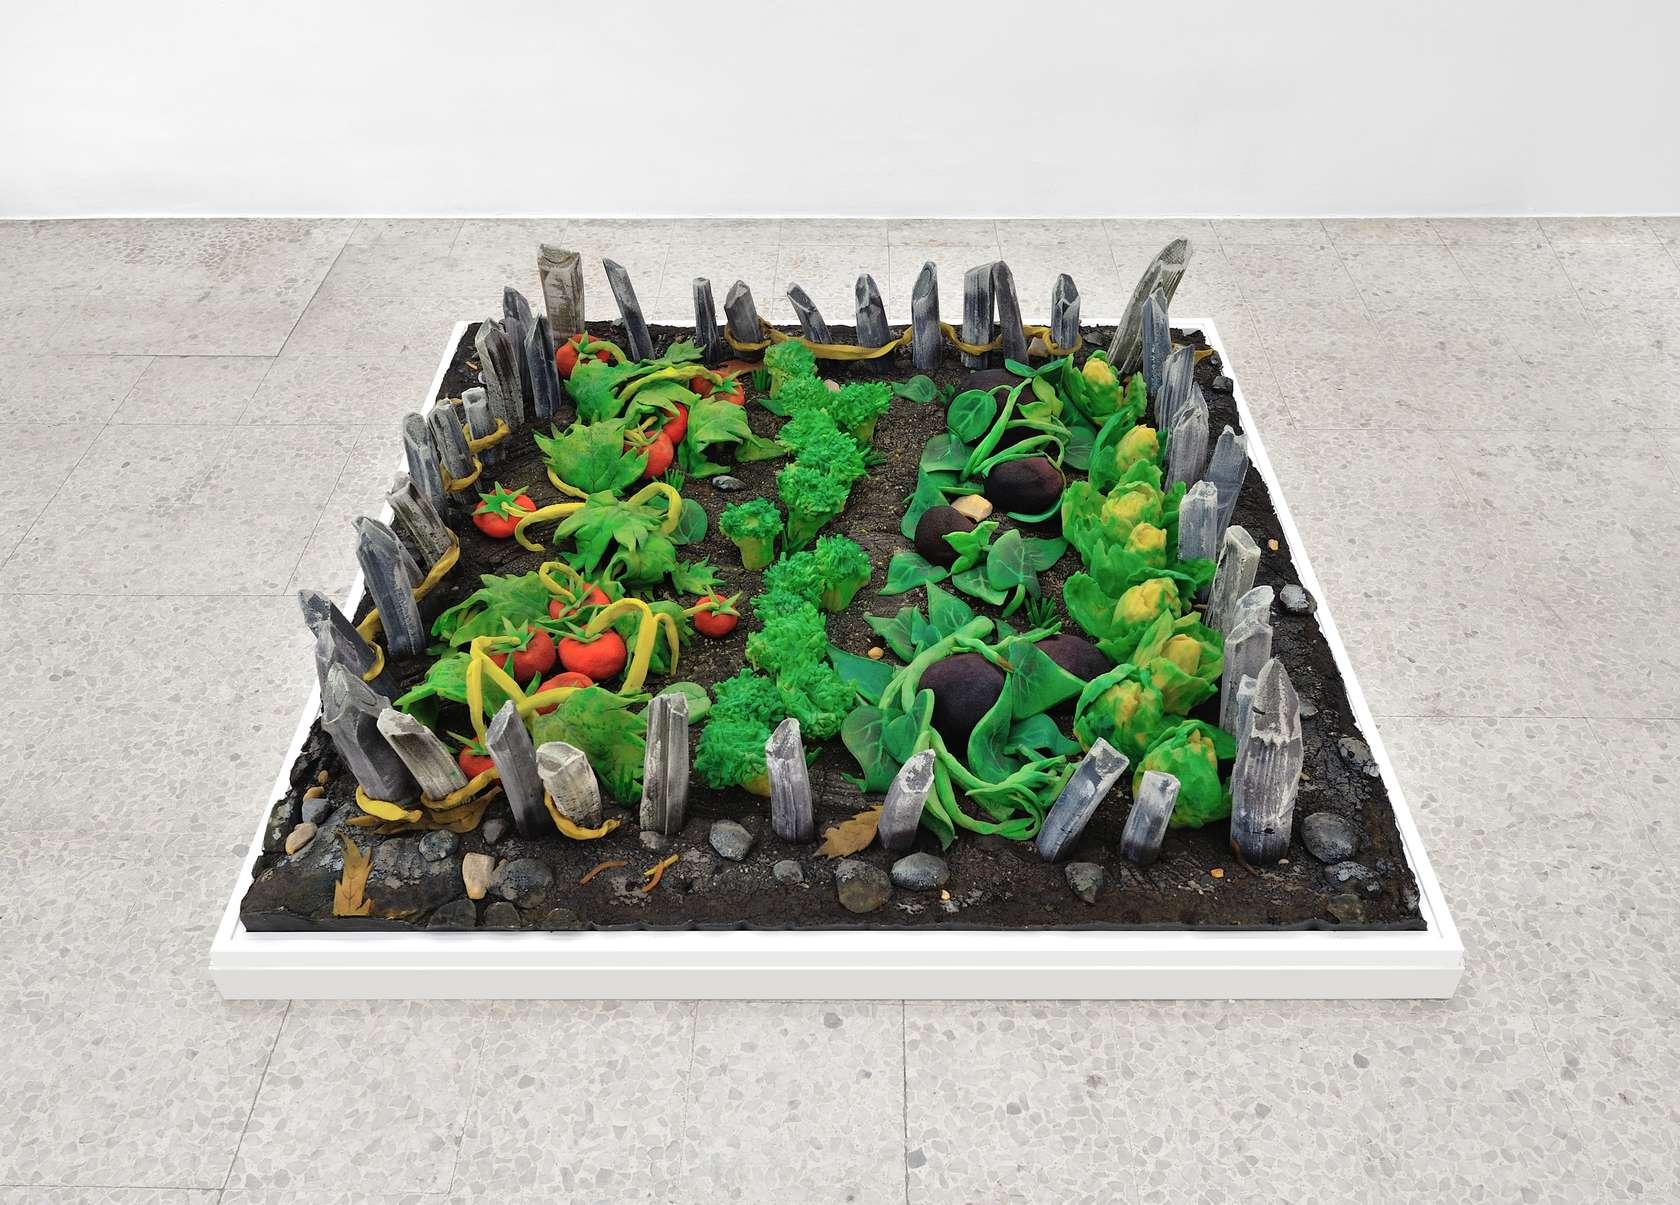 Piero Gilardi, Orticello, 1966 Mousse de polyuréthane145 × 140 × 30 cm / 57 1/8 × 55 1/8 × 11 6/8 in.